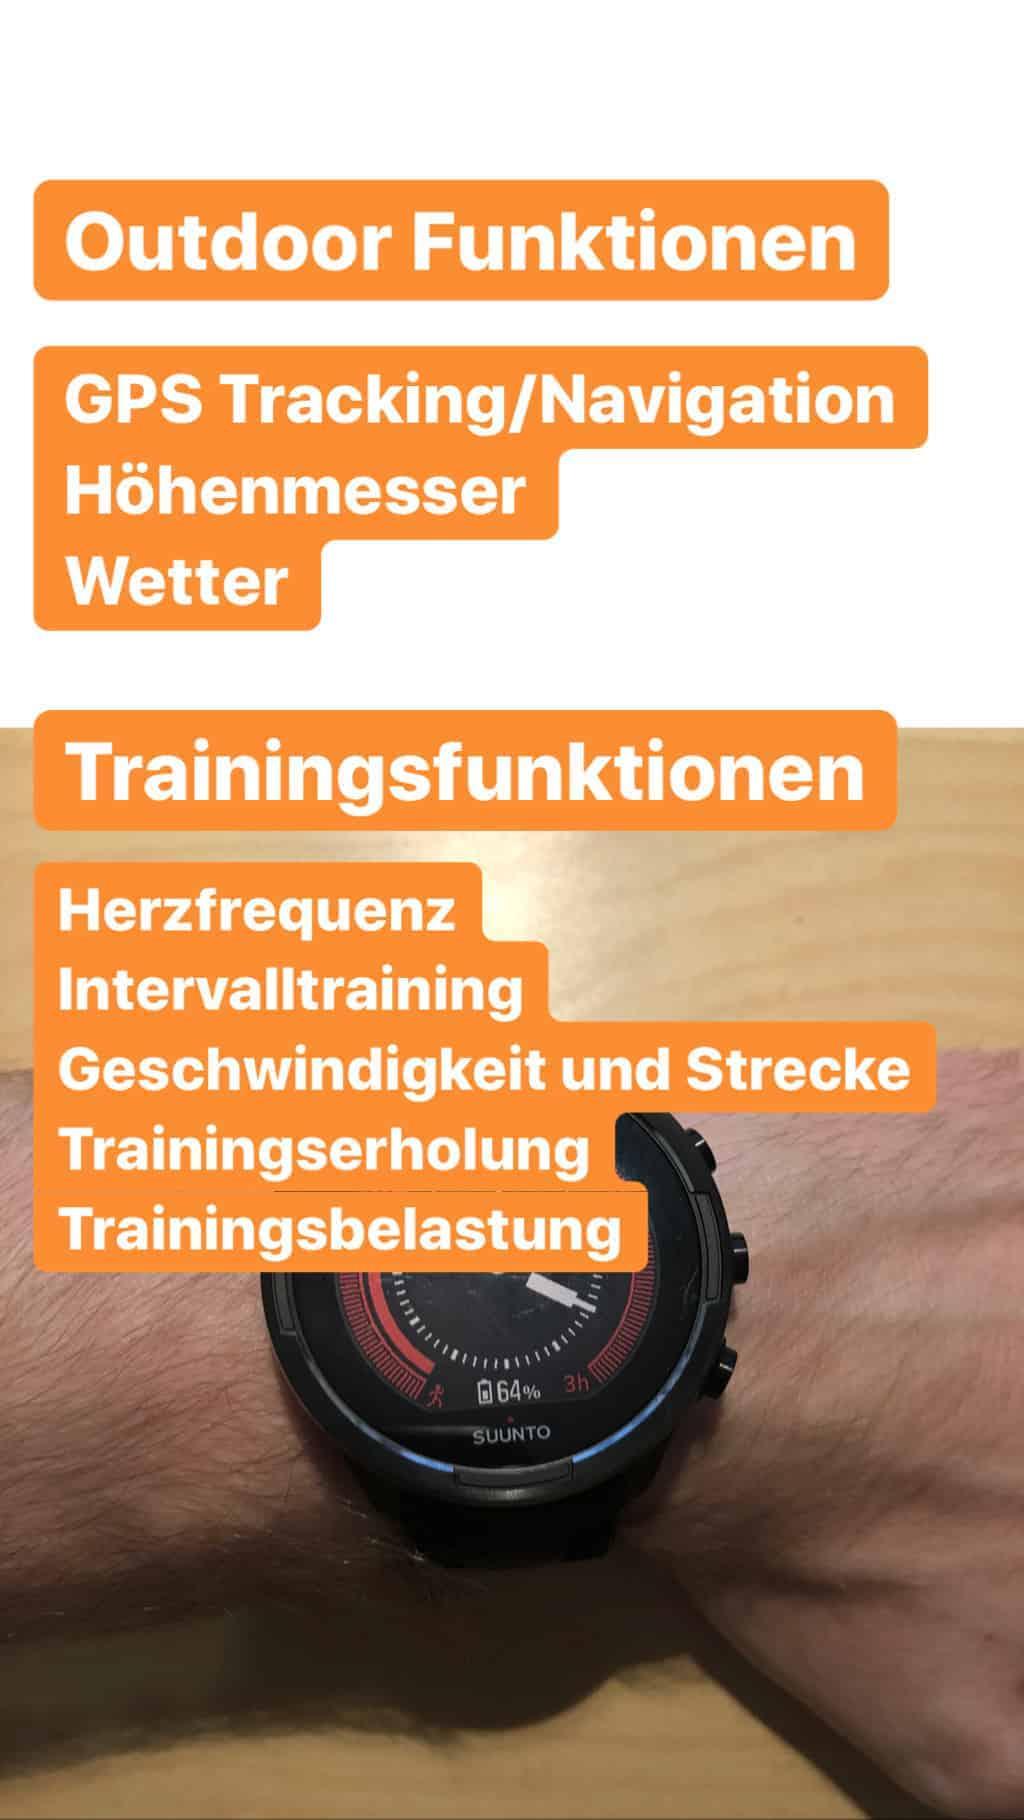 11691A38 4EC9 4C61 920C DFF3BD49ABDF - Suunto Baro 9 -die perfekte Uhr für Bergsteiger?